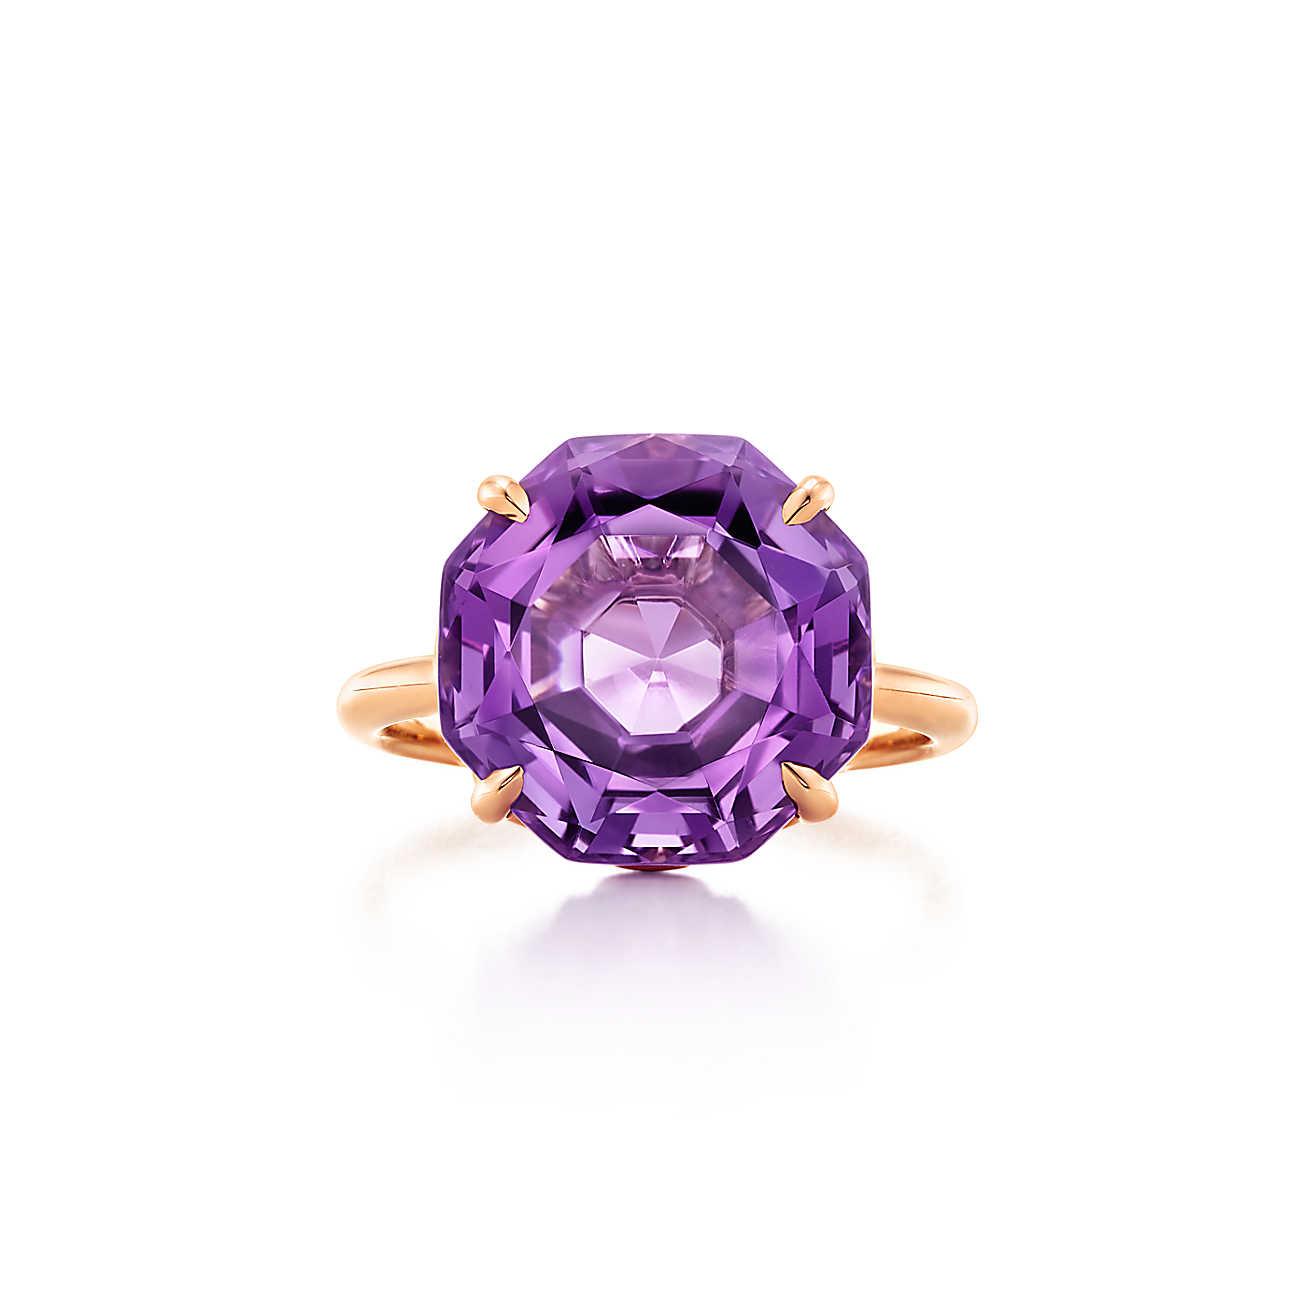 Μωβ μονόπετρο δαχτυλίδι Tiffany & Co.